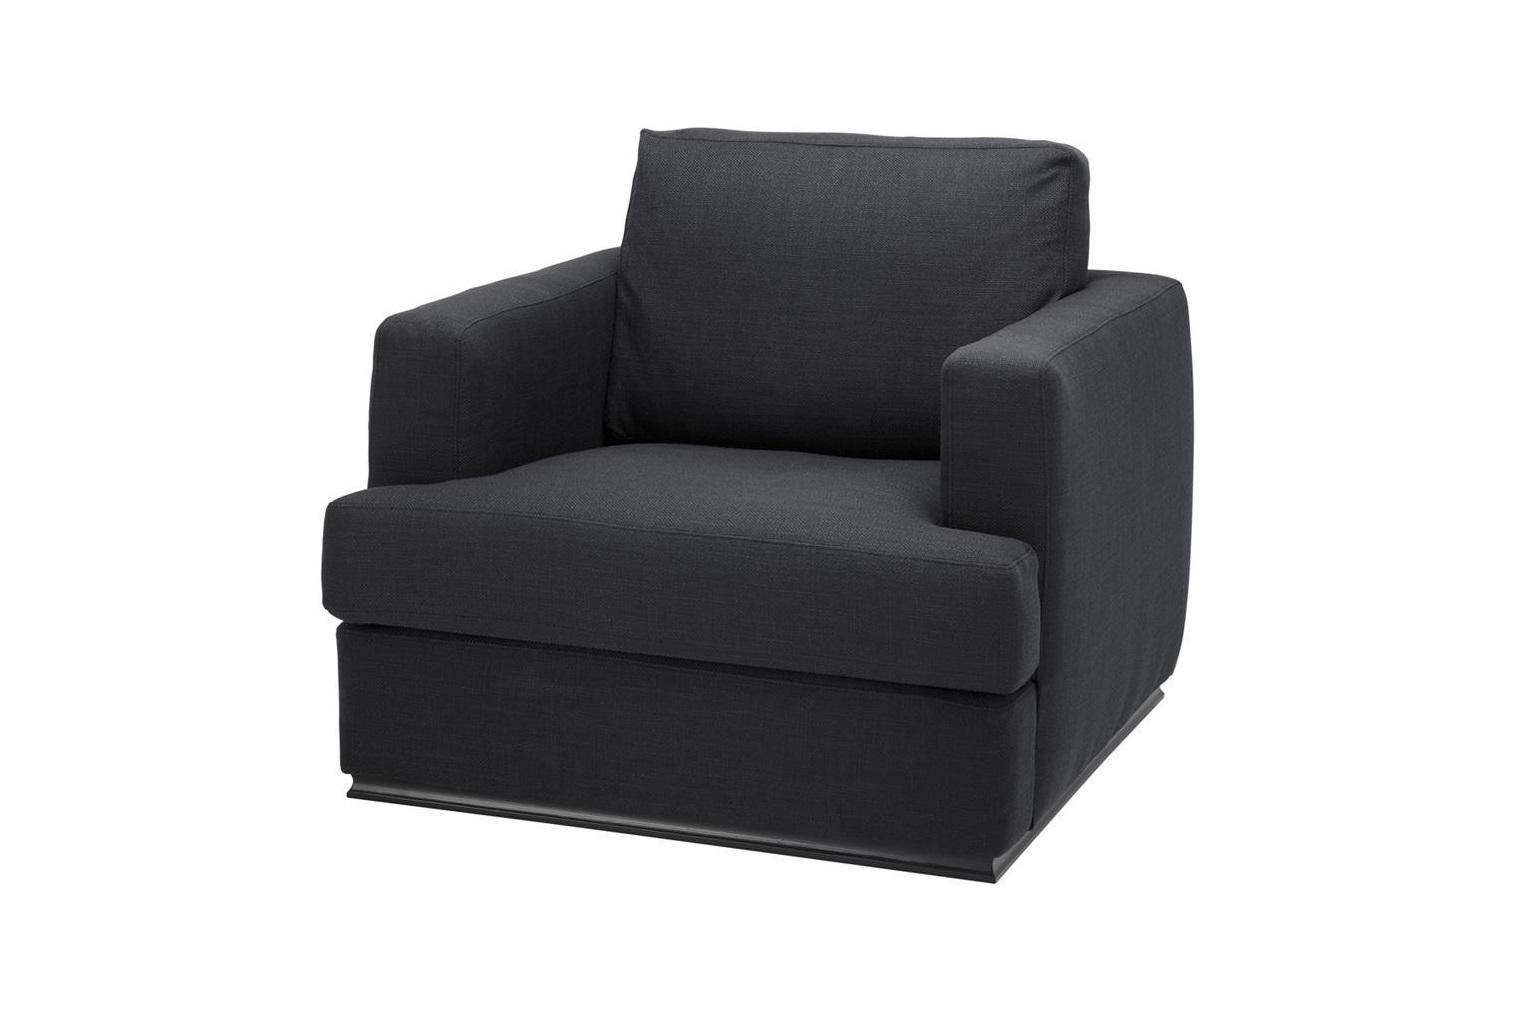 Кресло HallandaleИнтерьерные кресла<br><br><br>Material: Текстиль<br>Width см: 96<br>Depth см: 103<br>Height см: 86